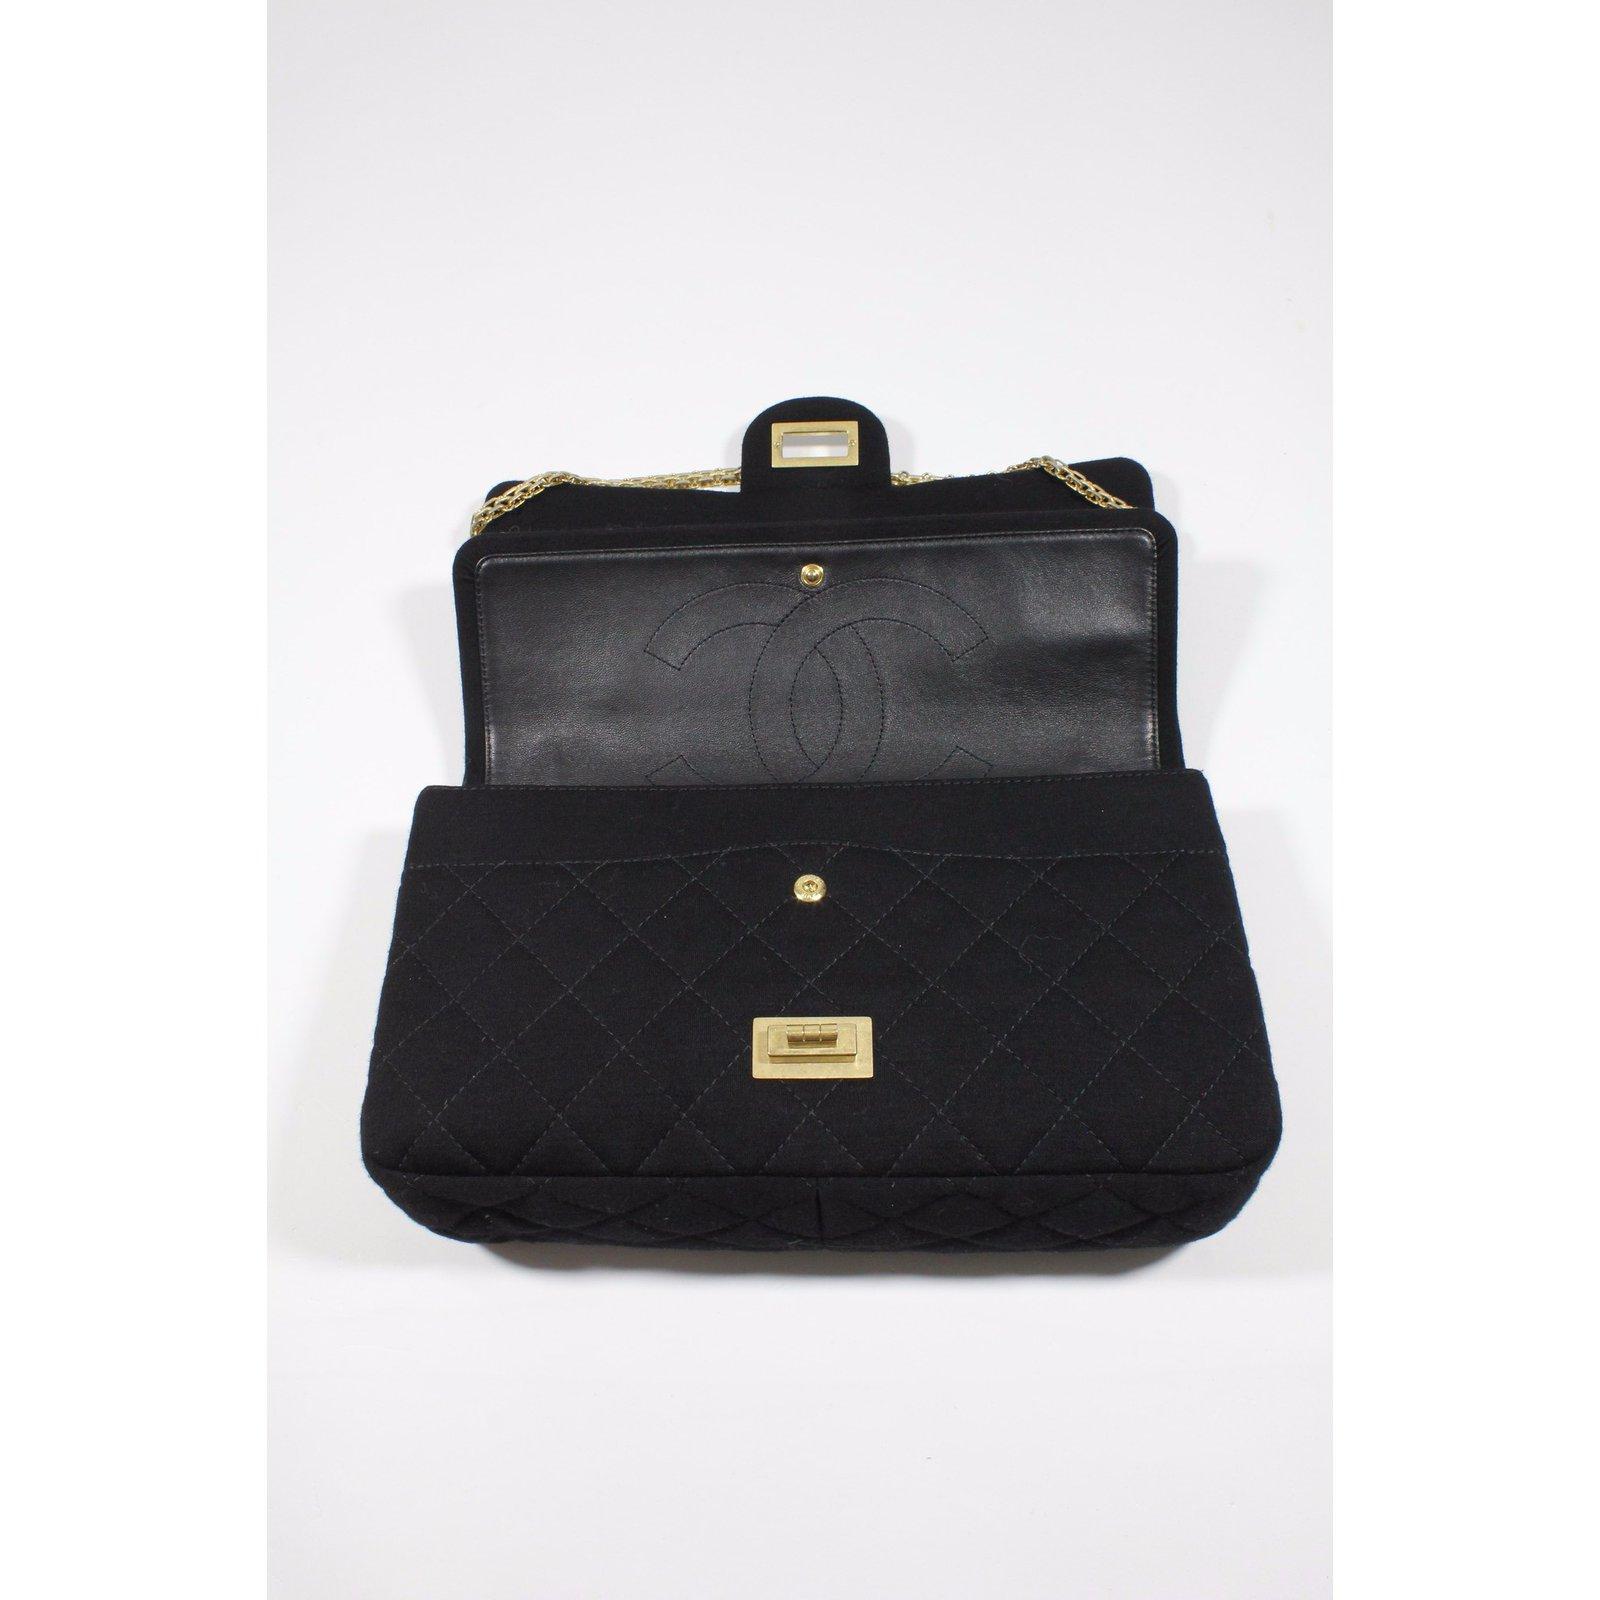 09f51e4f4613 Sacs à main Chanel Sac 2.55 en jersey Autre Noir ref.21080 - Joli Closet